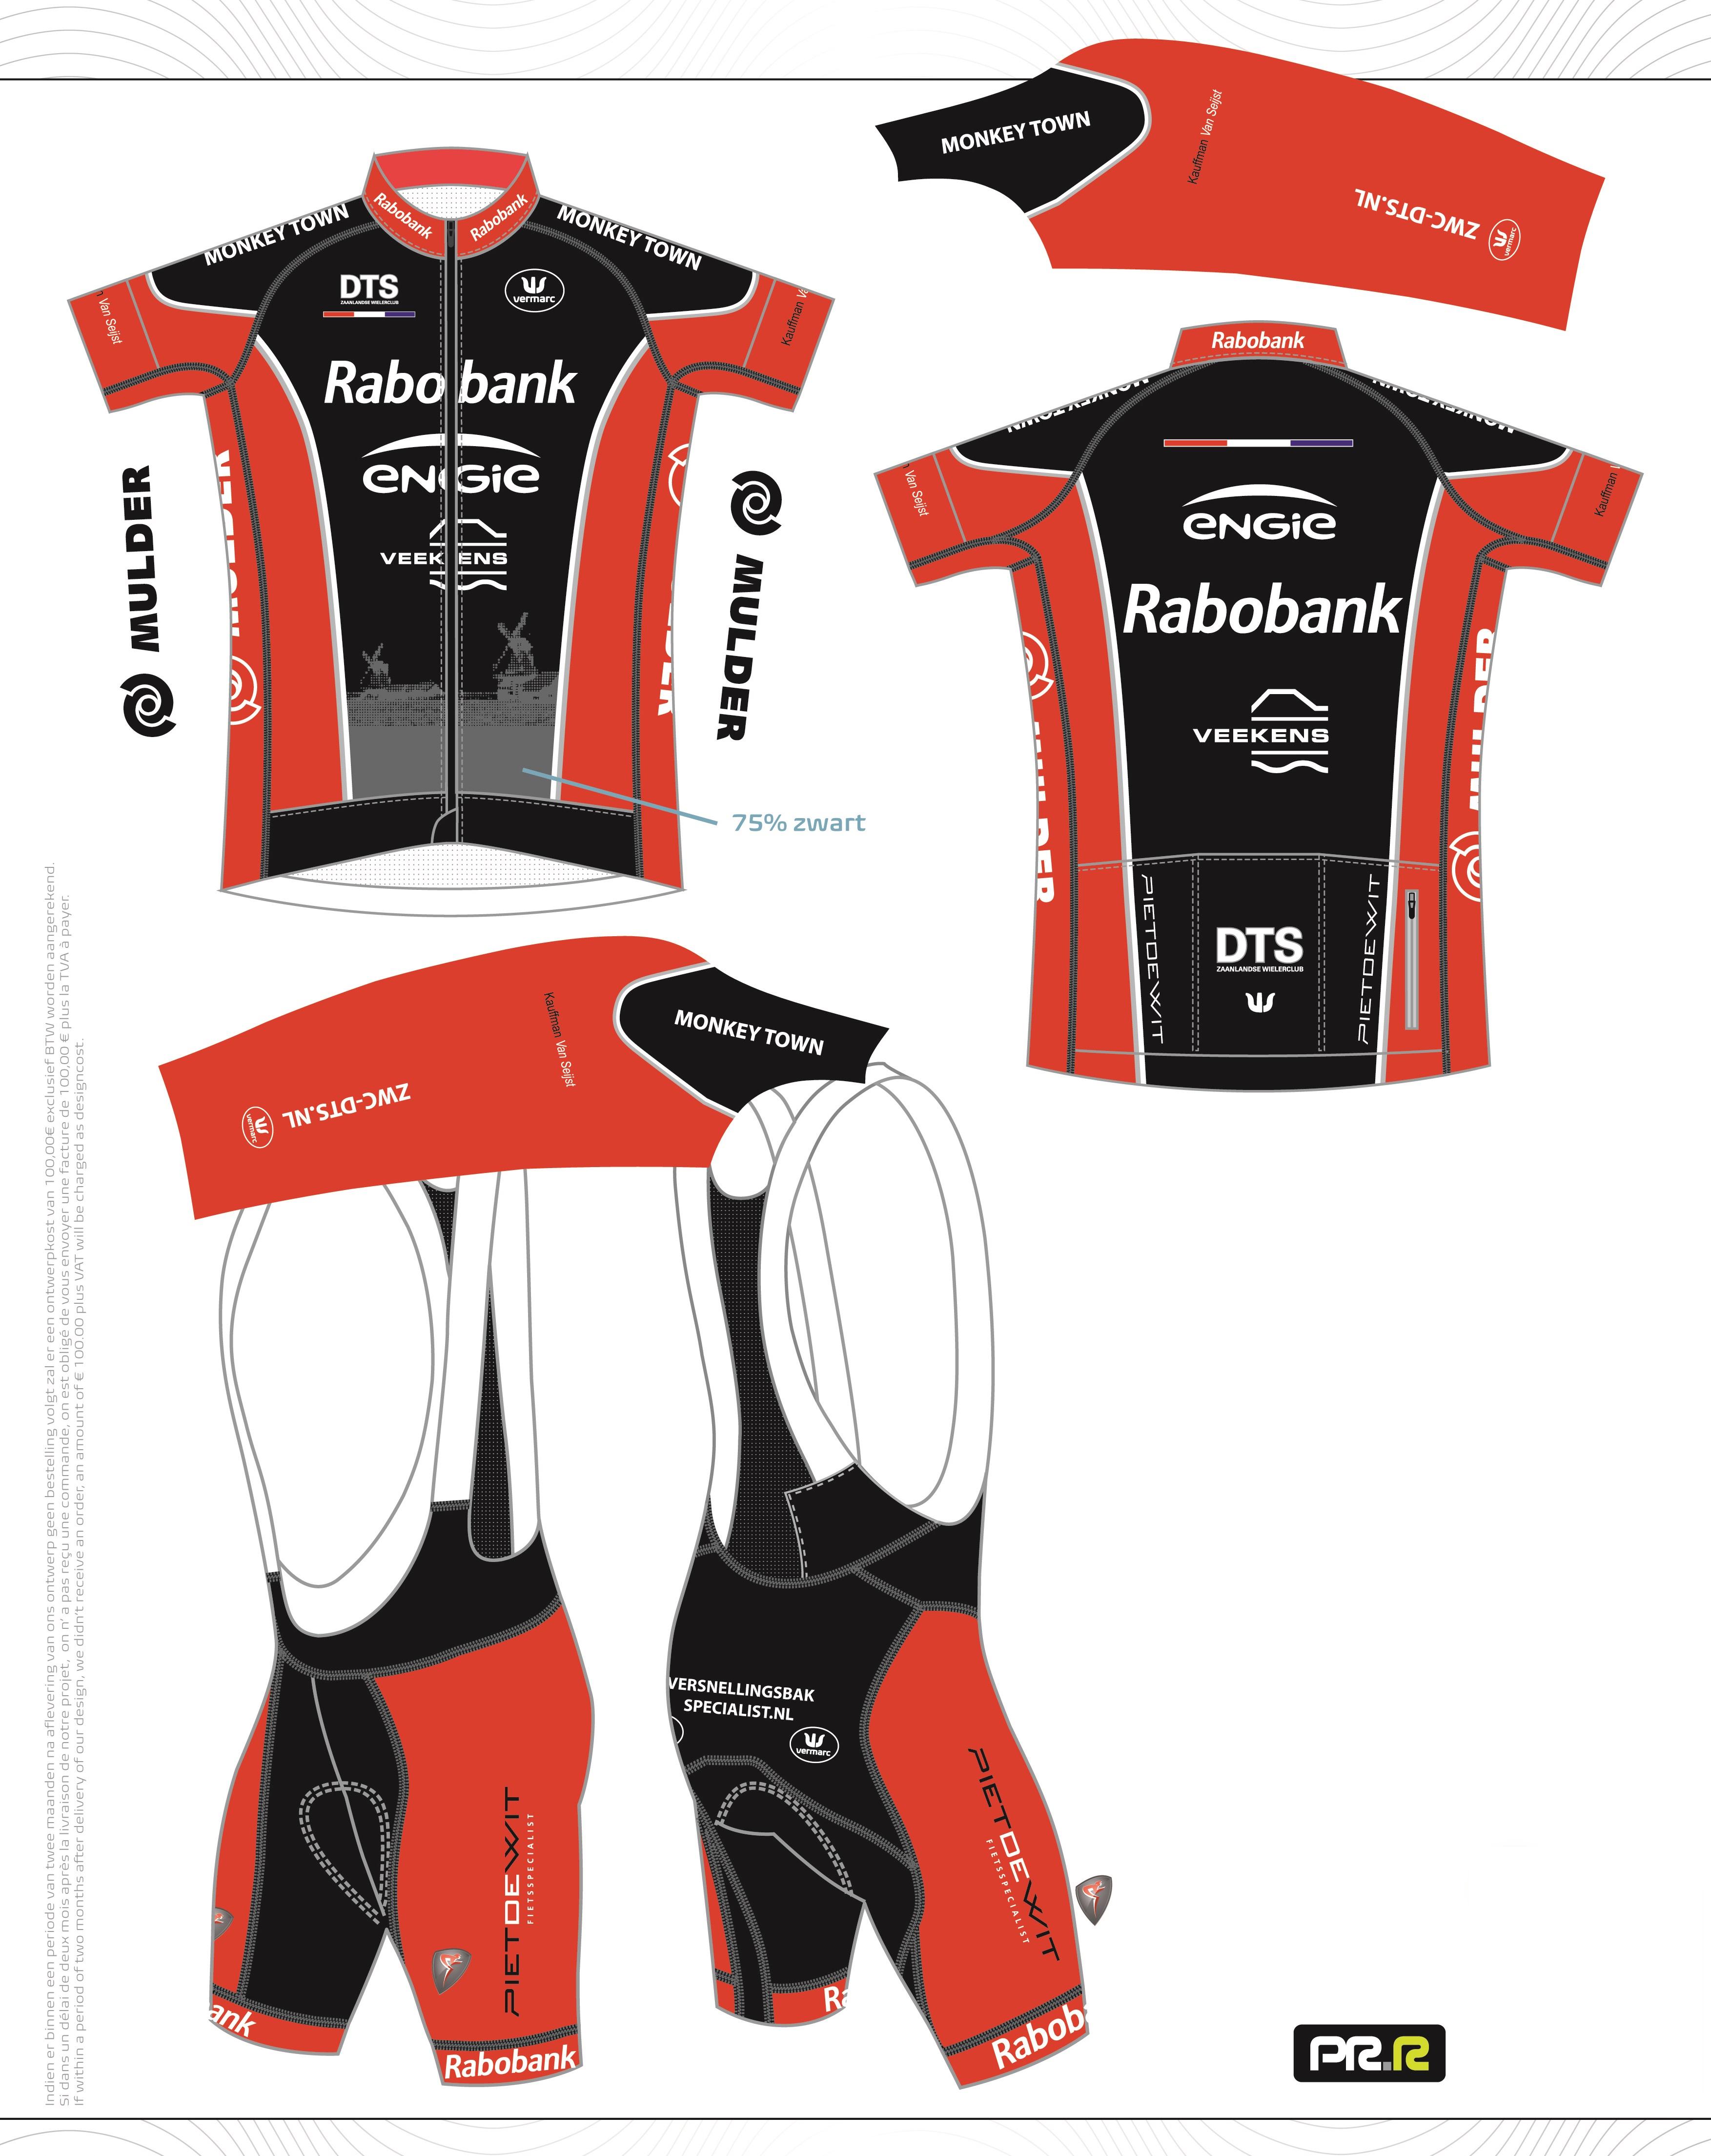 ontwerp-dts-zaandam-2016-prr-lijn-site